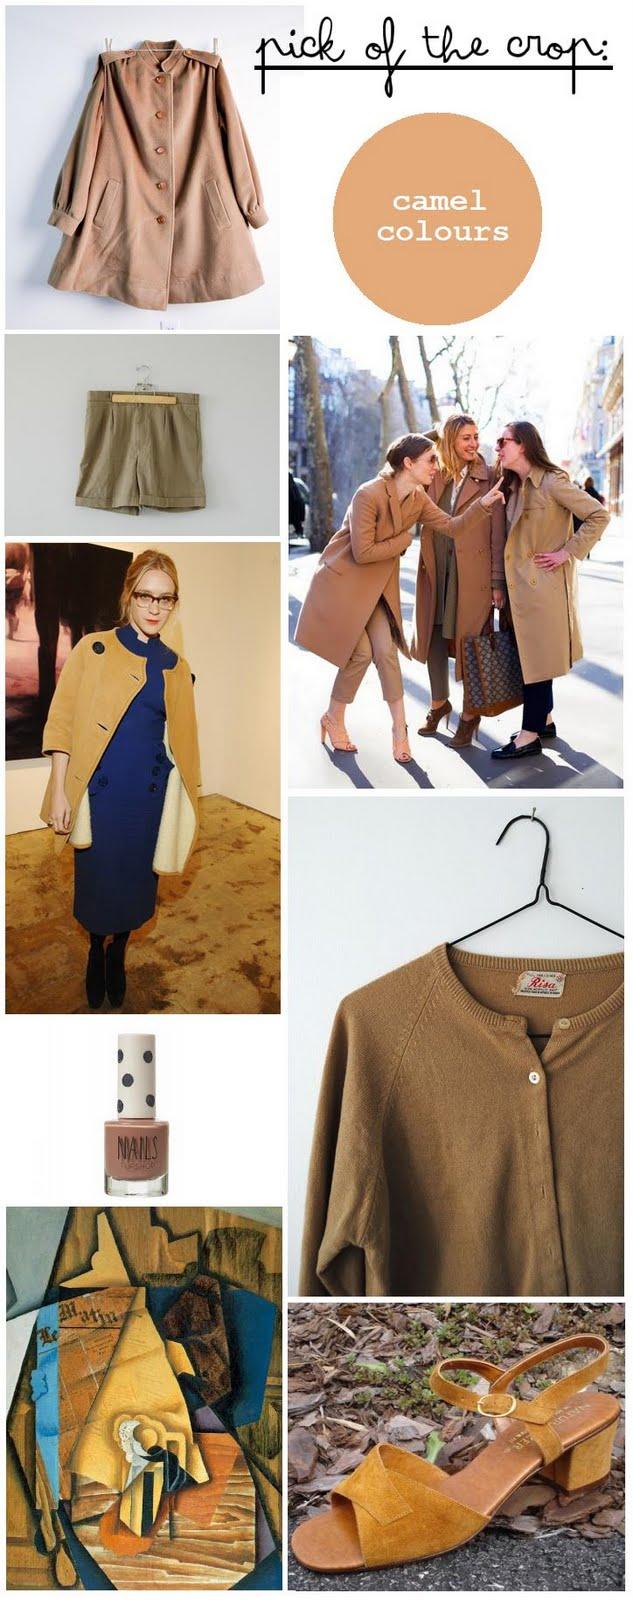 http://3.bp.blogspot.com/_PYqHLh0dSJ4/S-YSNUZxdBI/AAAAAAAAFUs/3kKqqBG9Ws4/s1600/camel+coat.jpg